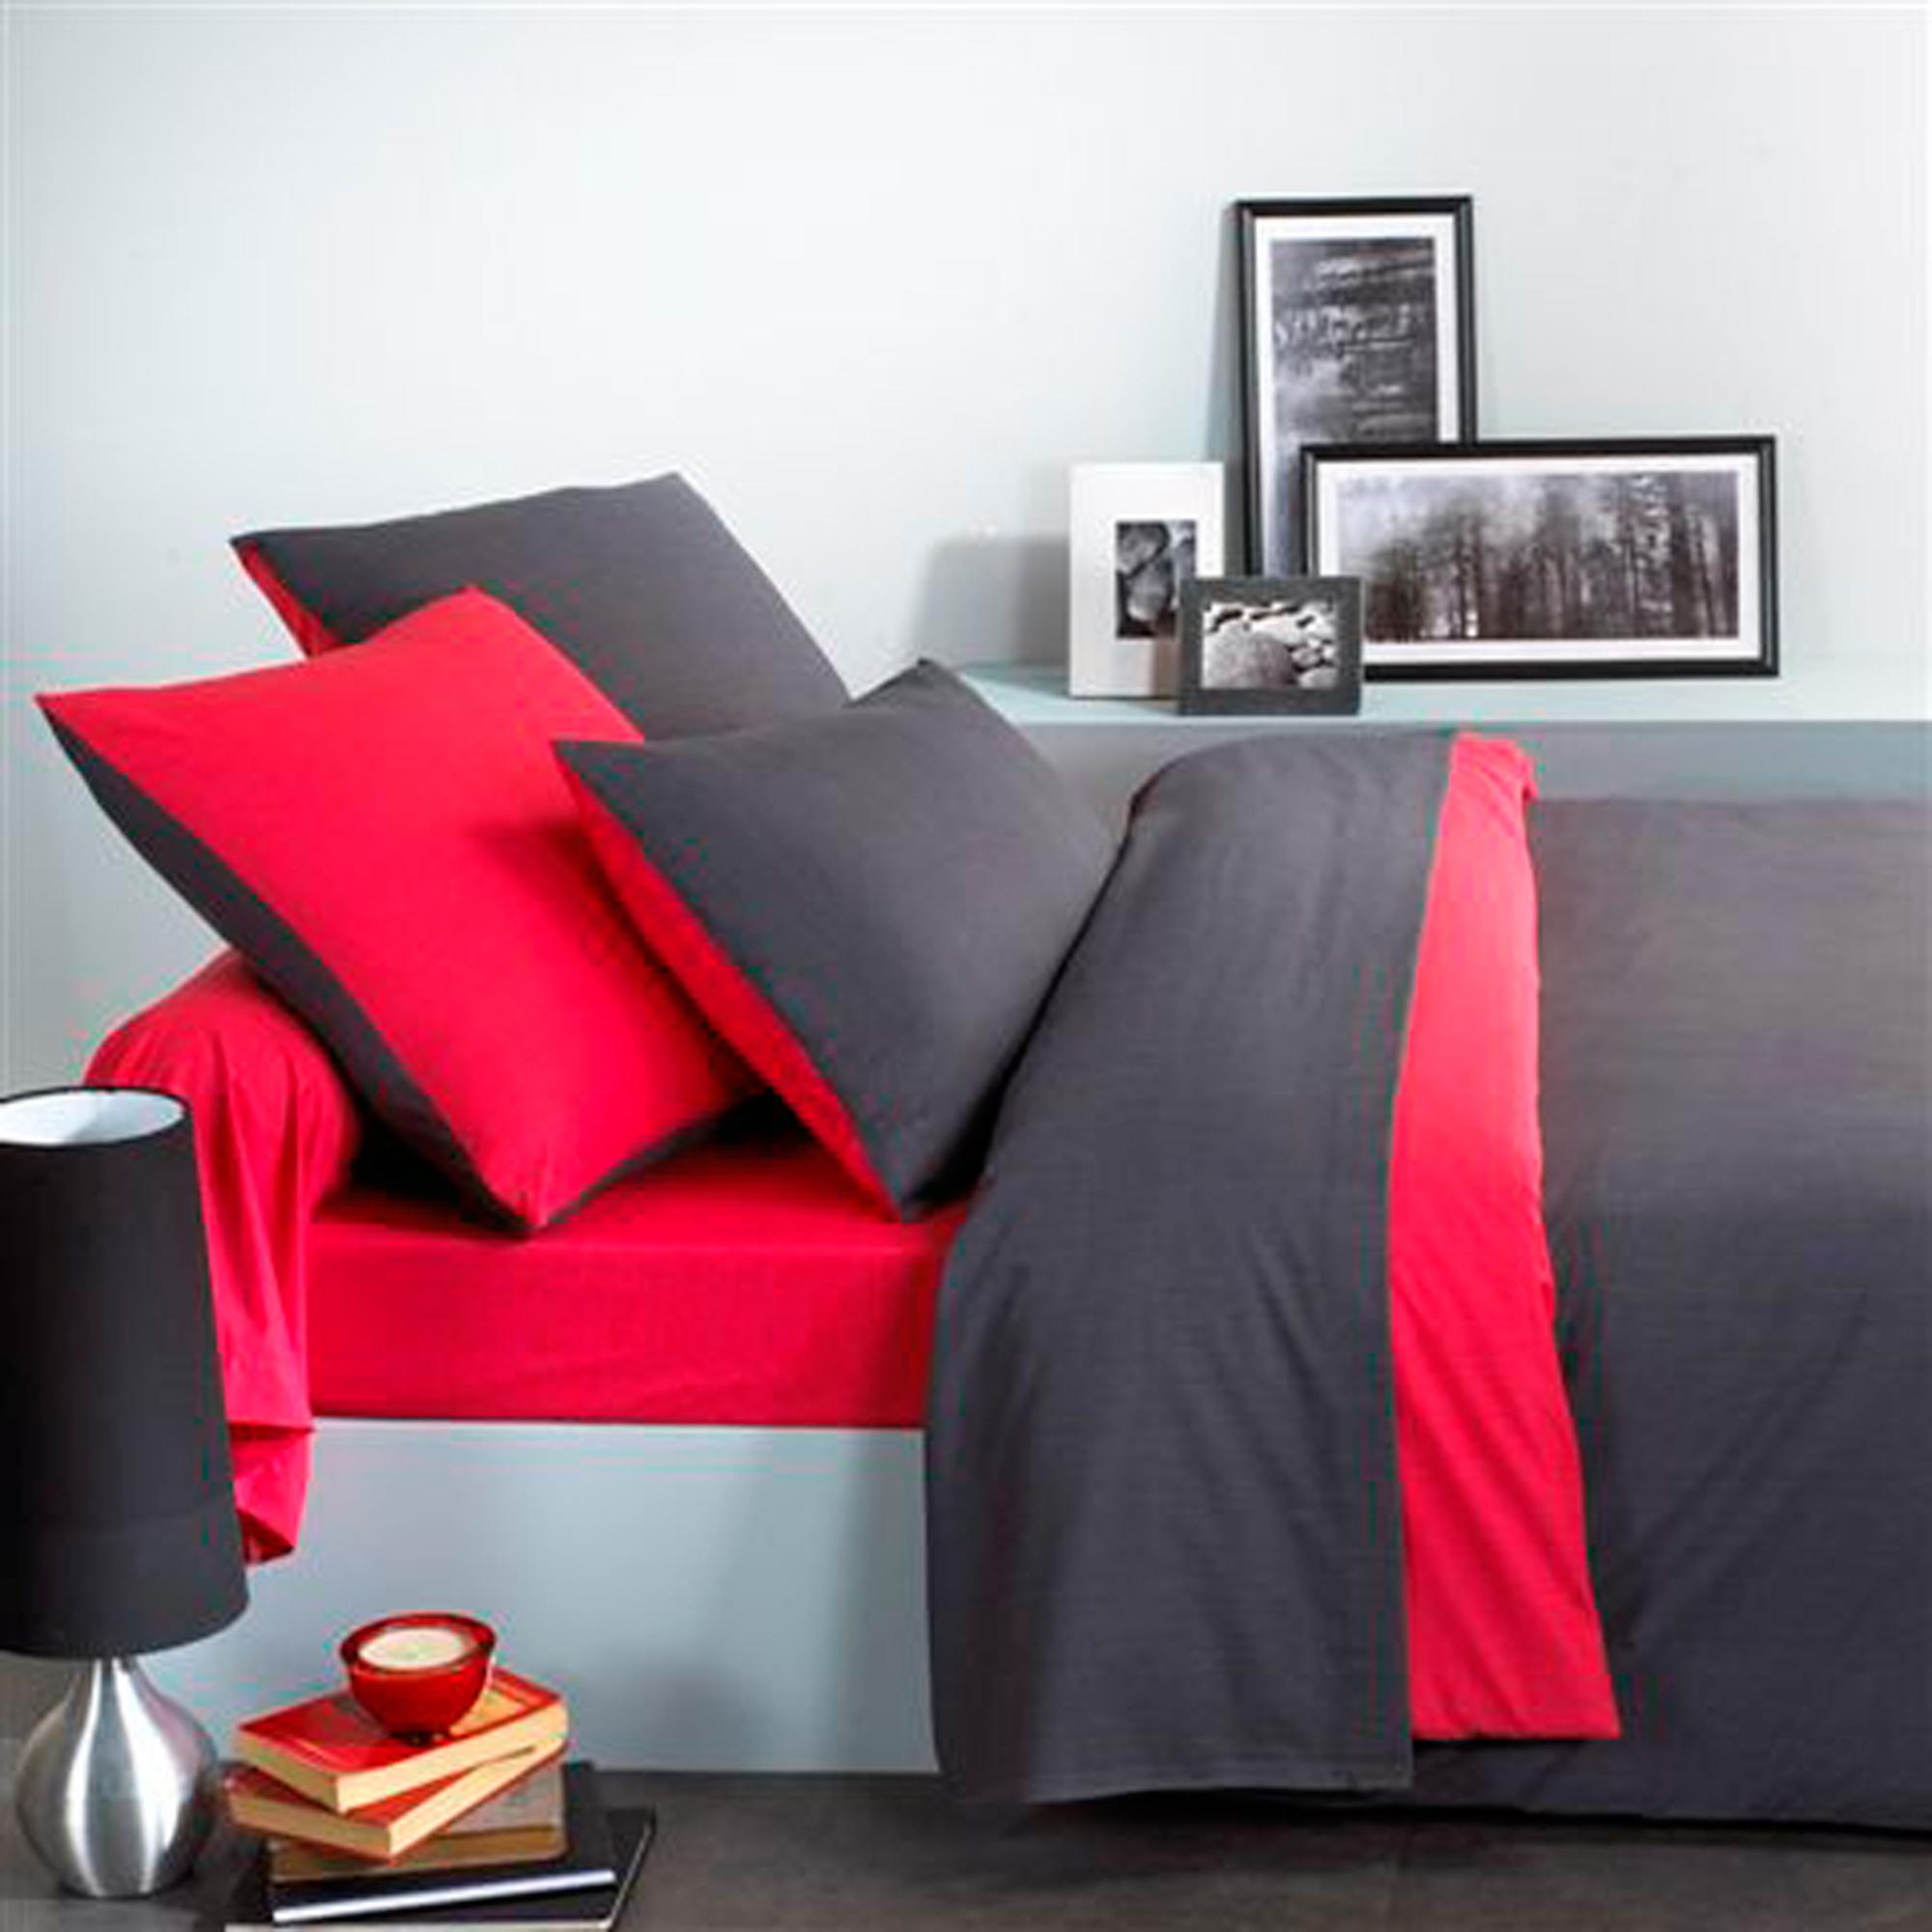 Drap Housse Ecorce Rouge Noir 140 X 190 Cm Acheter Ce Produit Au